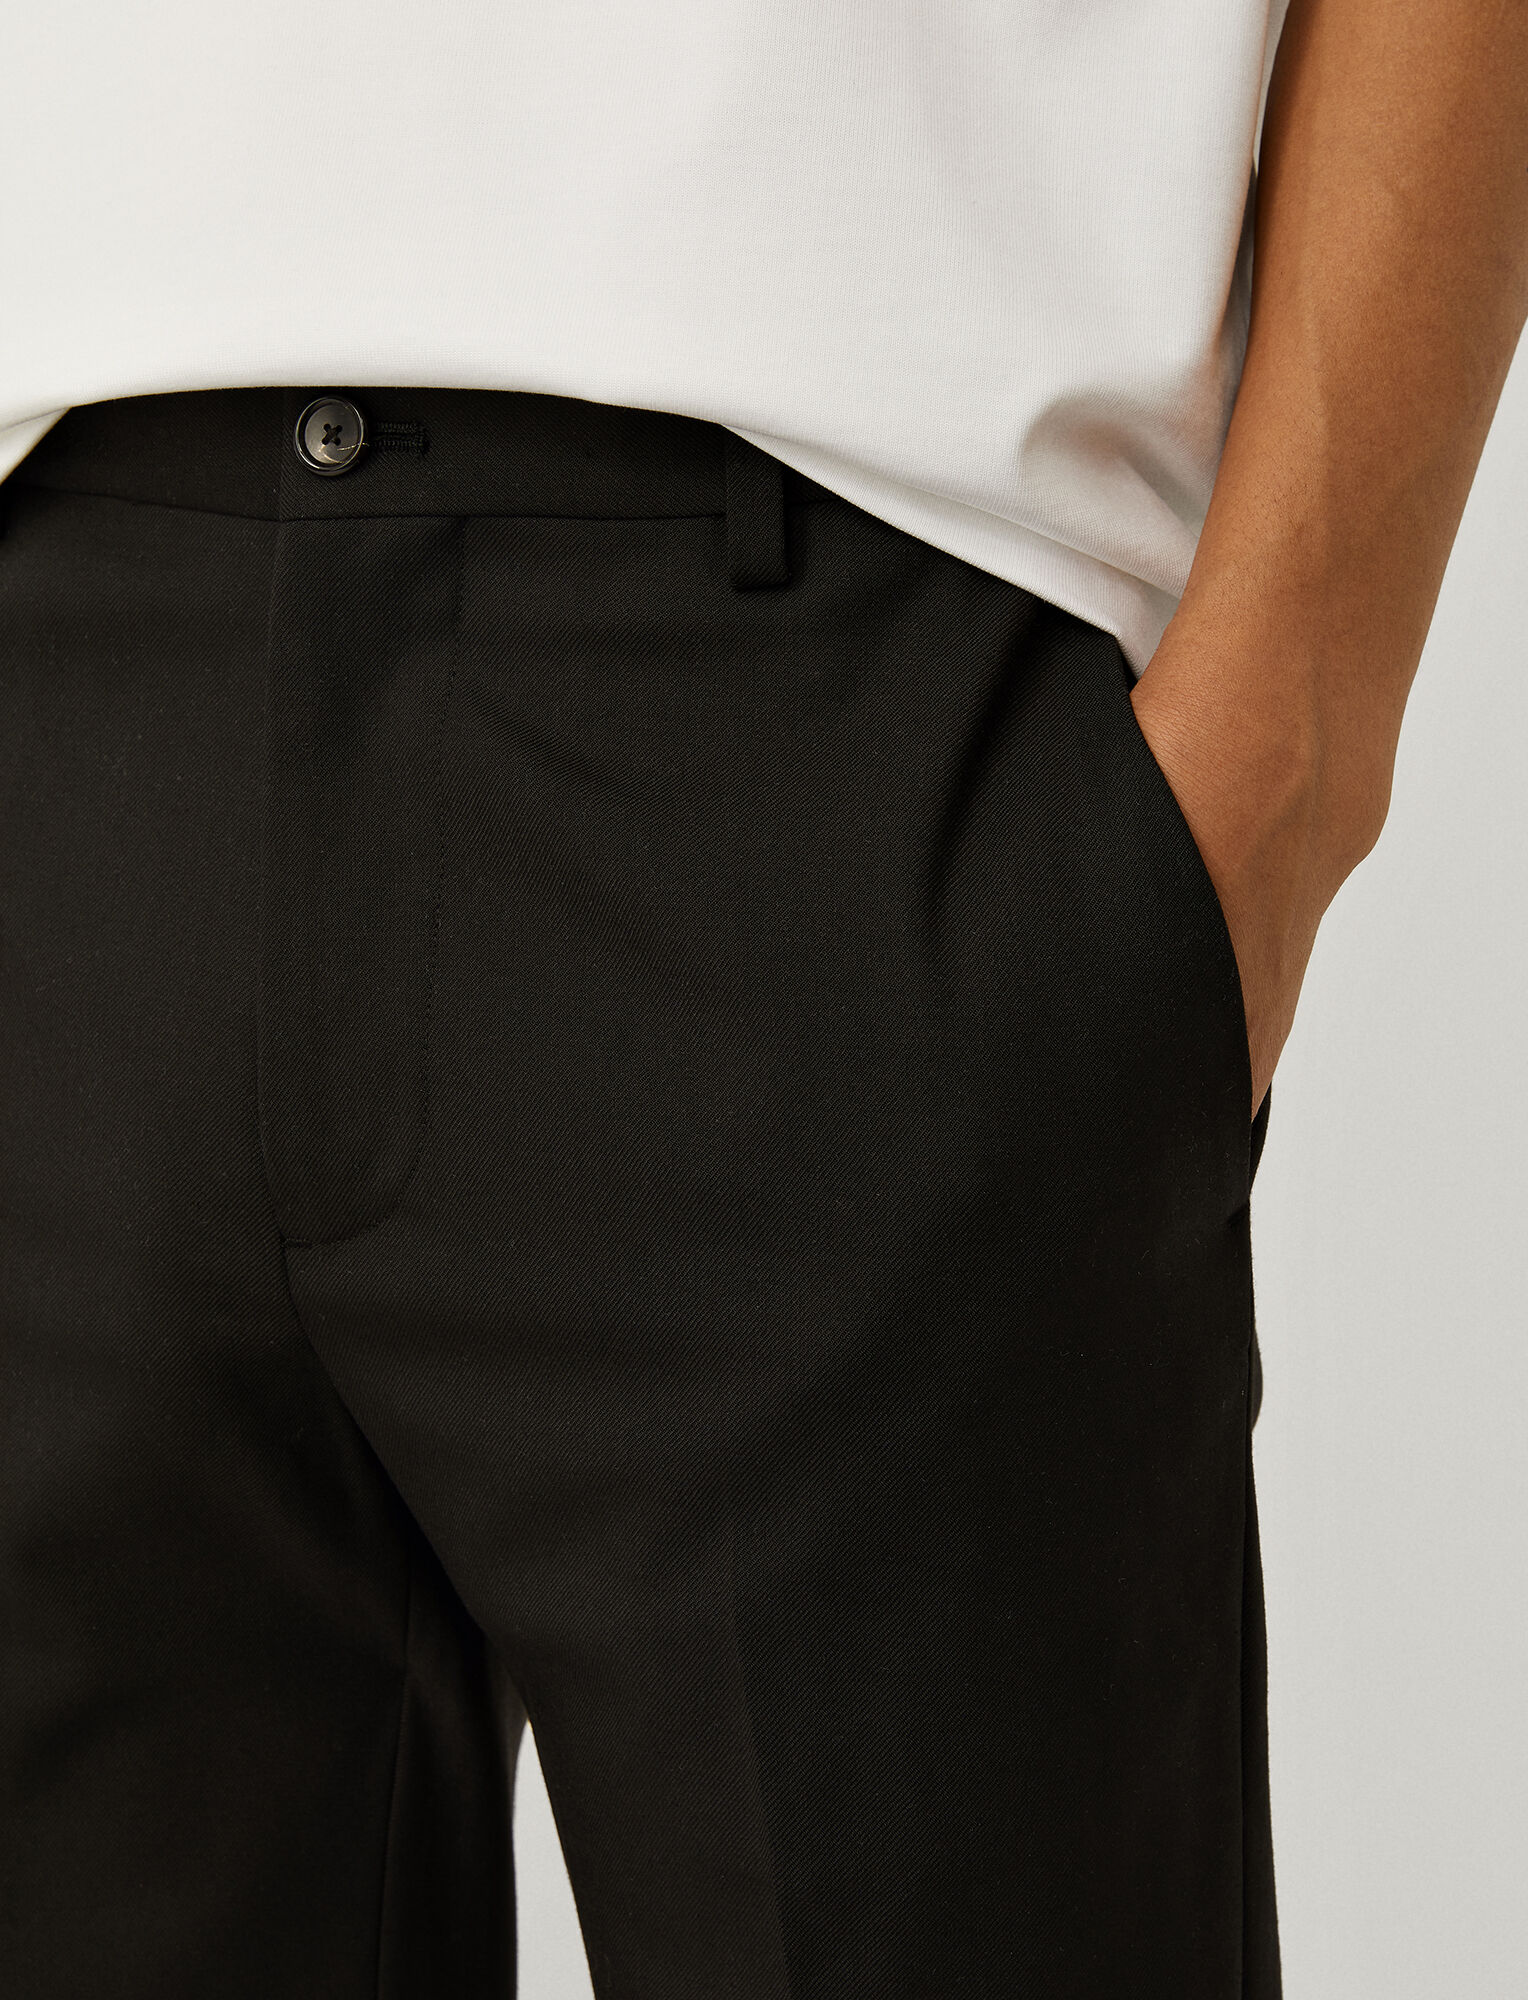 Joseph, Pantalon Jack en laine technique stretch, in BLACK